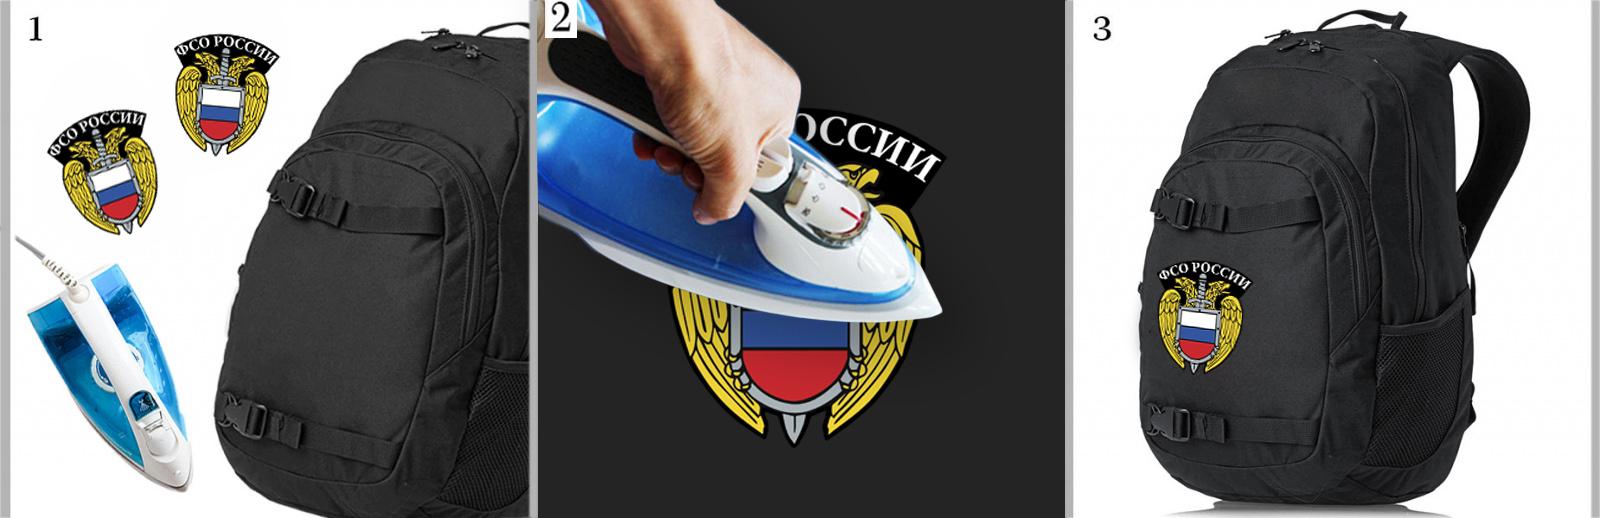 Топовая картинка для сублимации ФСО России - заказатьонлайн